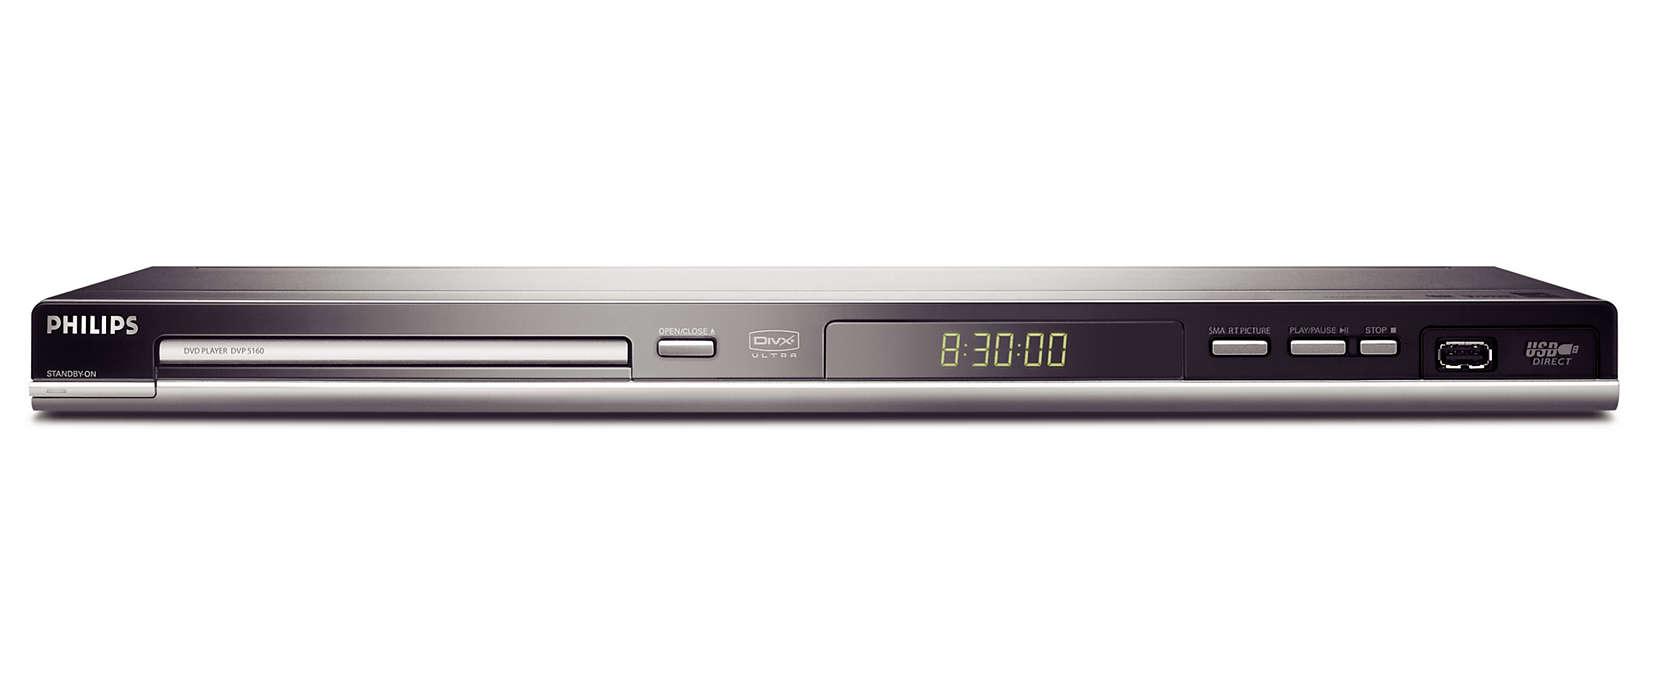 Közvetlenül USB-ről TV-re